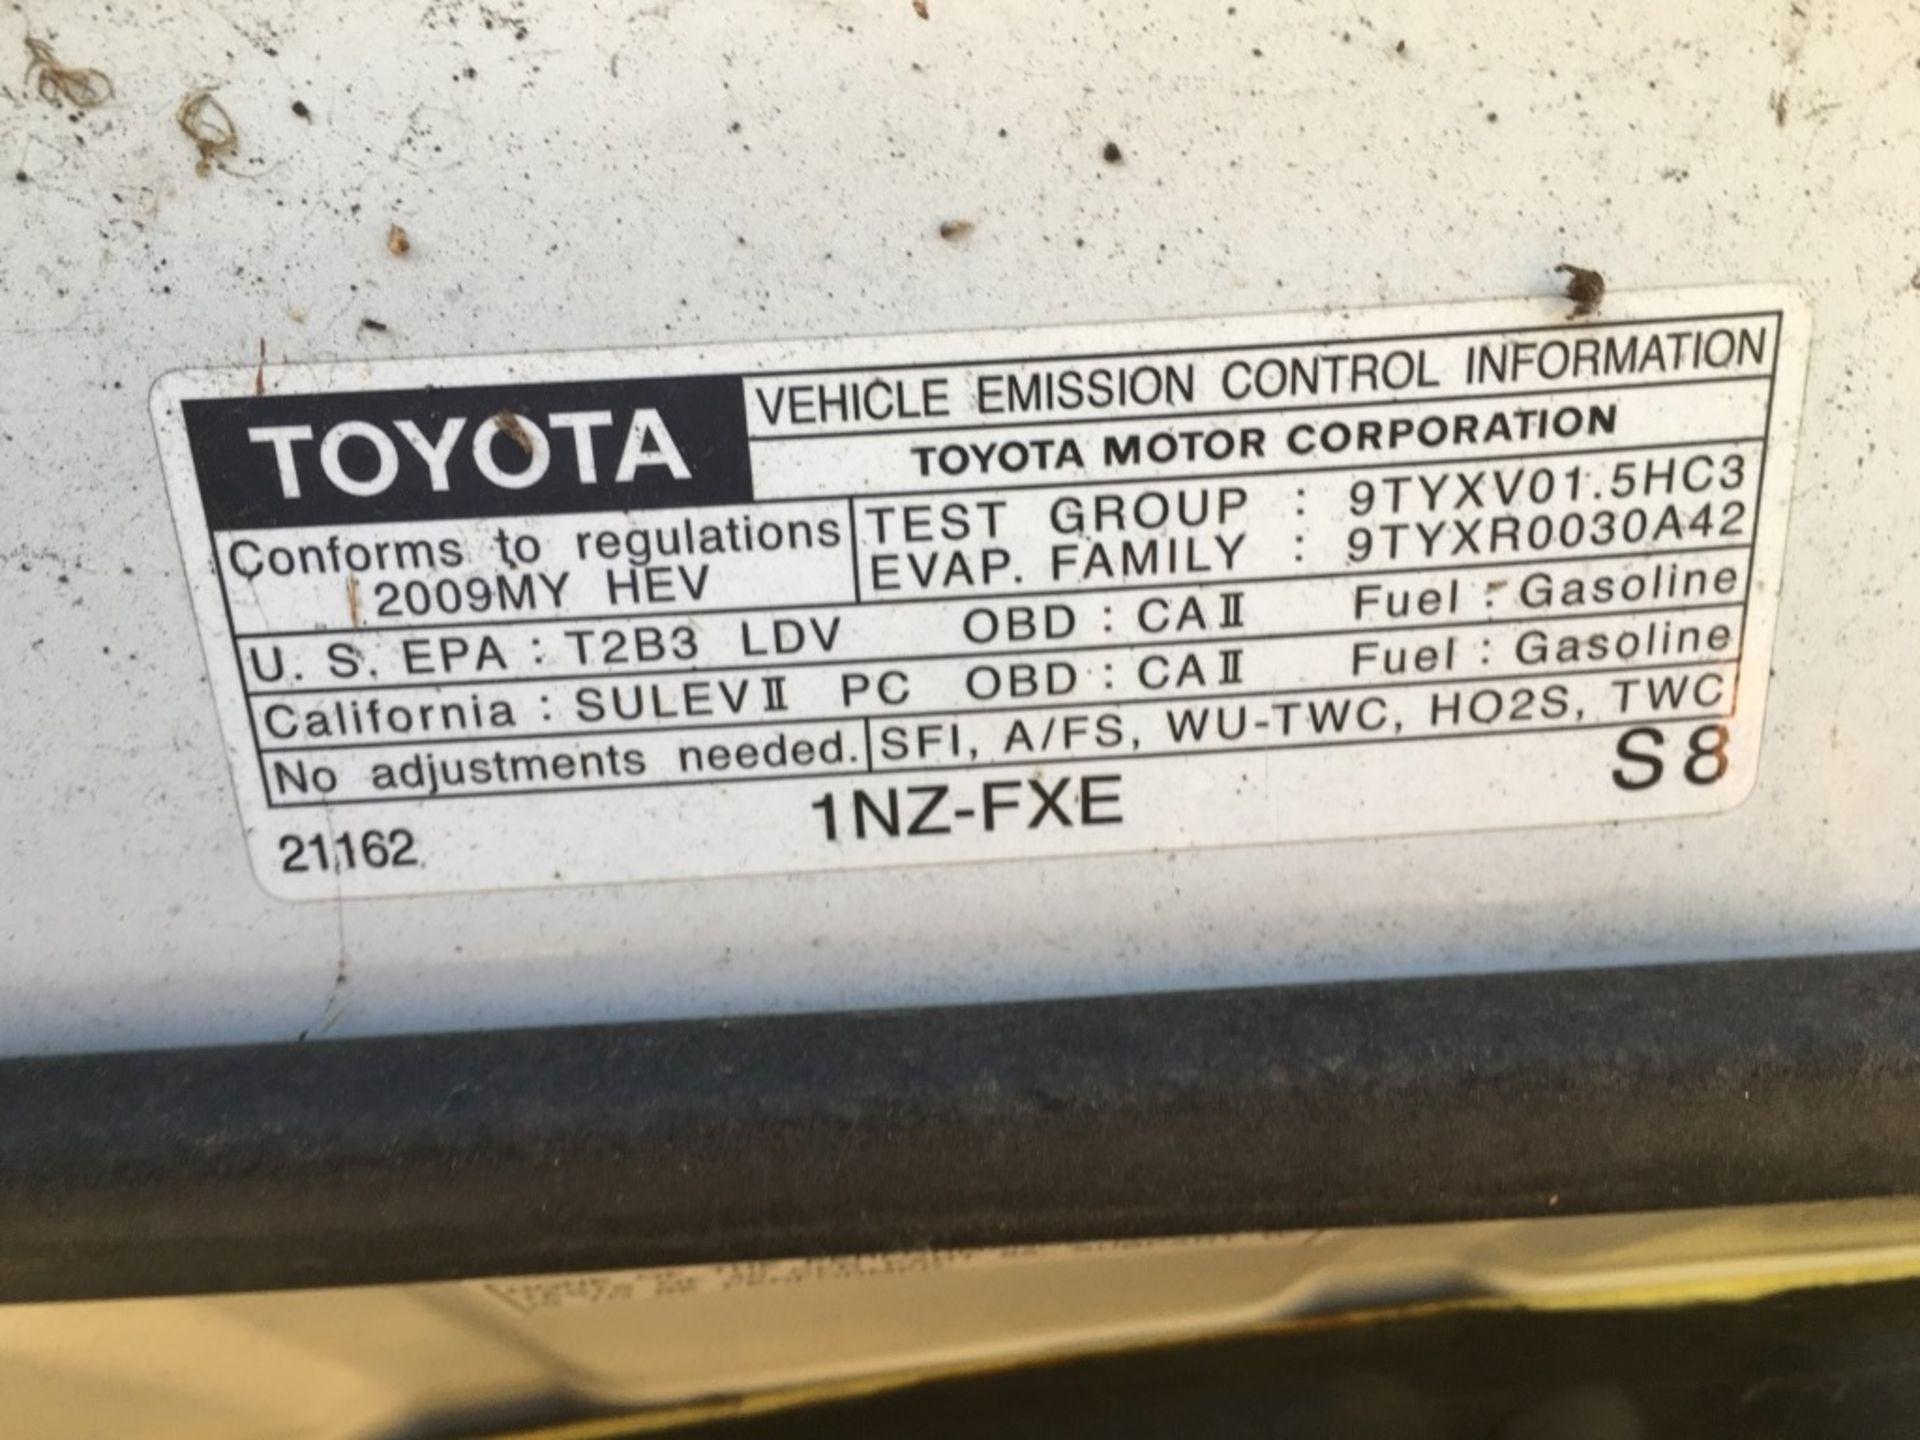 2009 Toyota Prius Sedan - Image 16 of 18